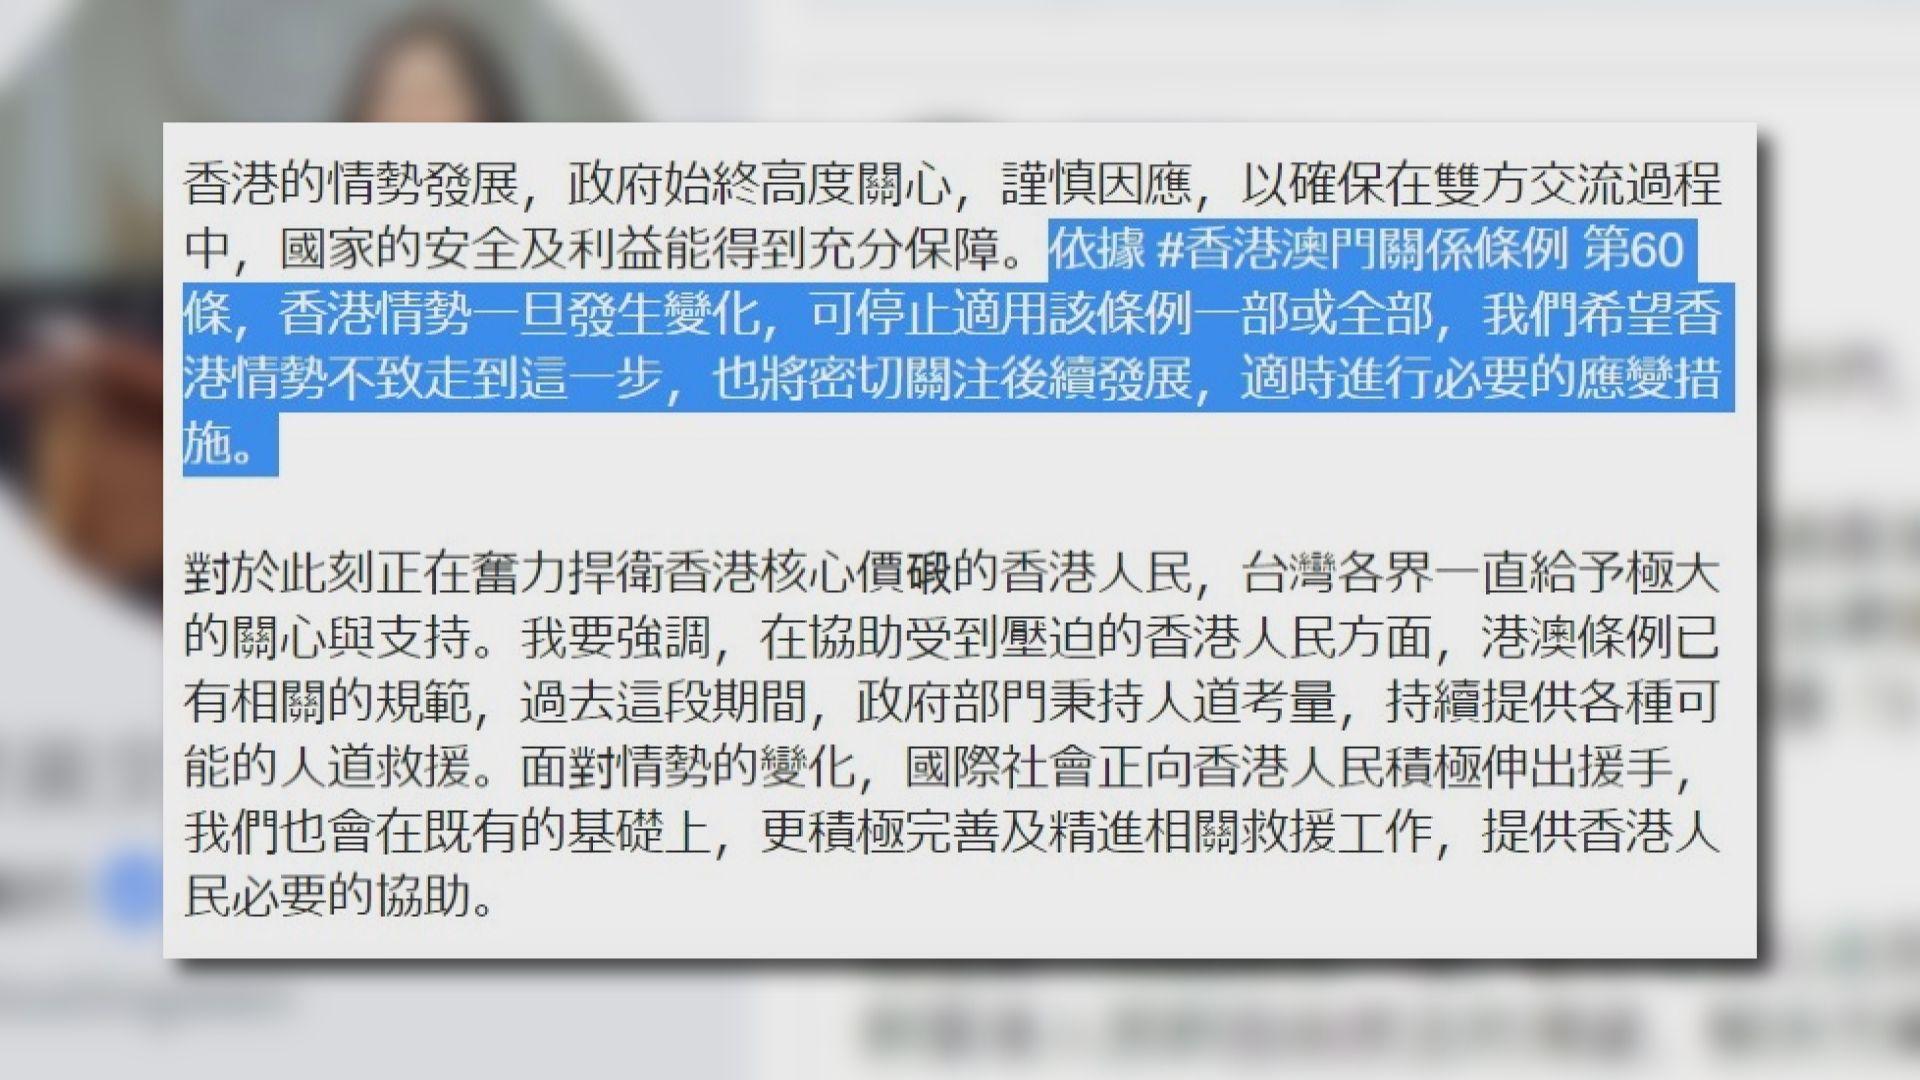 蔡英文指或取消對香港的特殊待遇